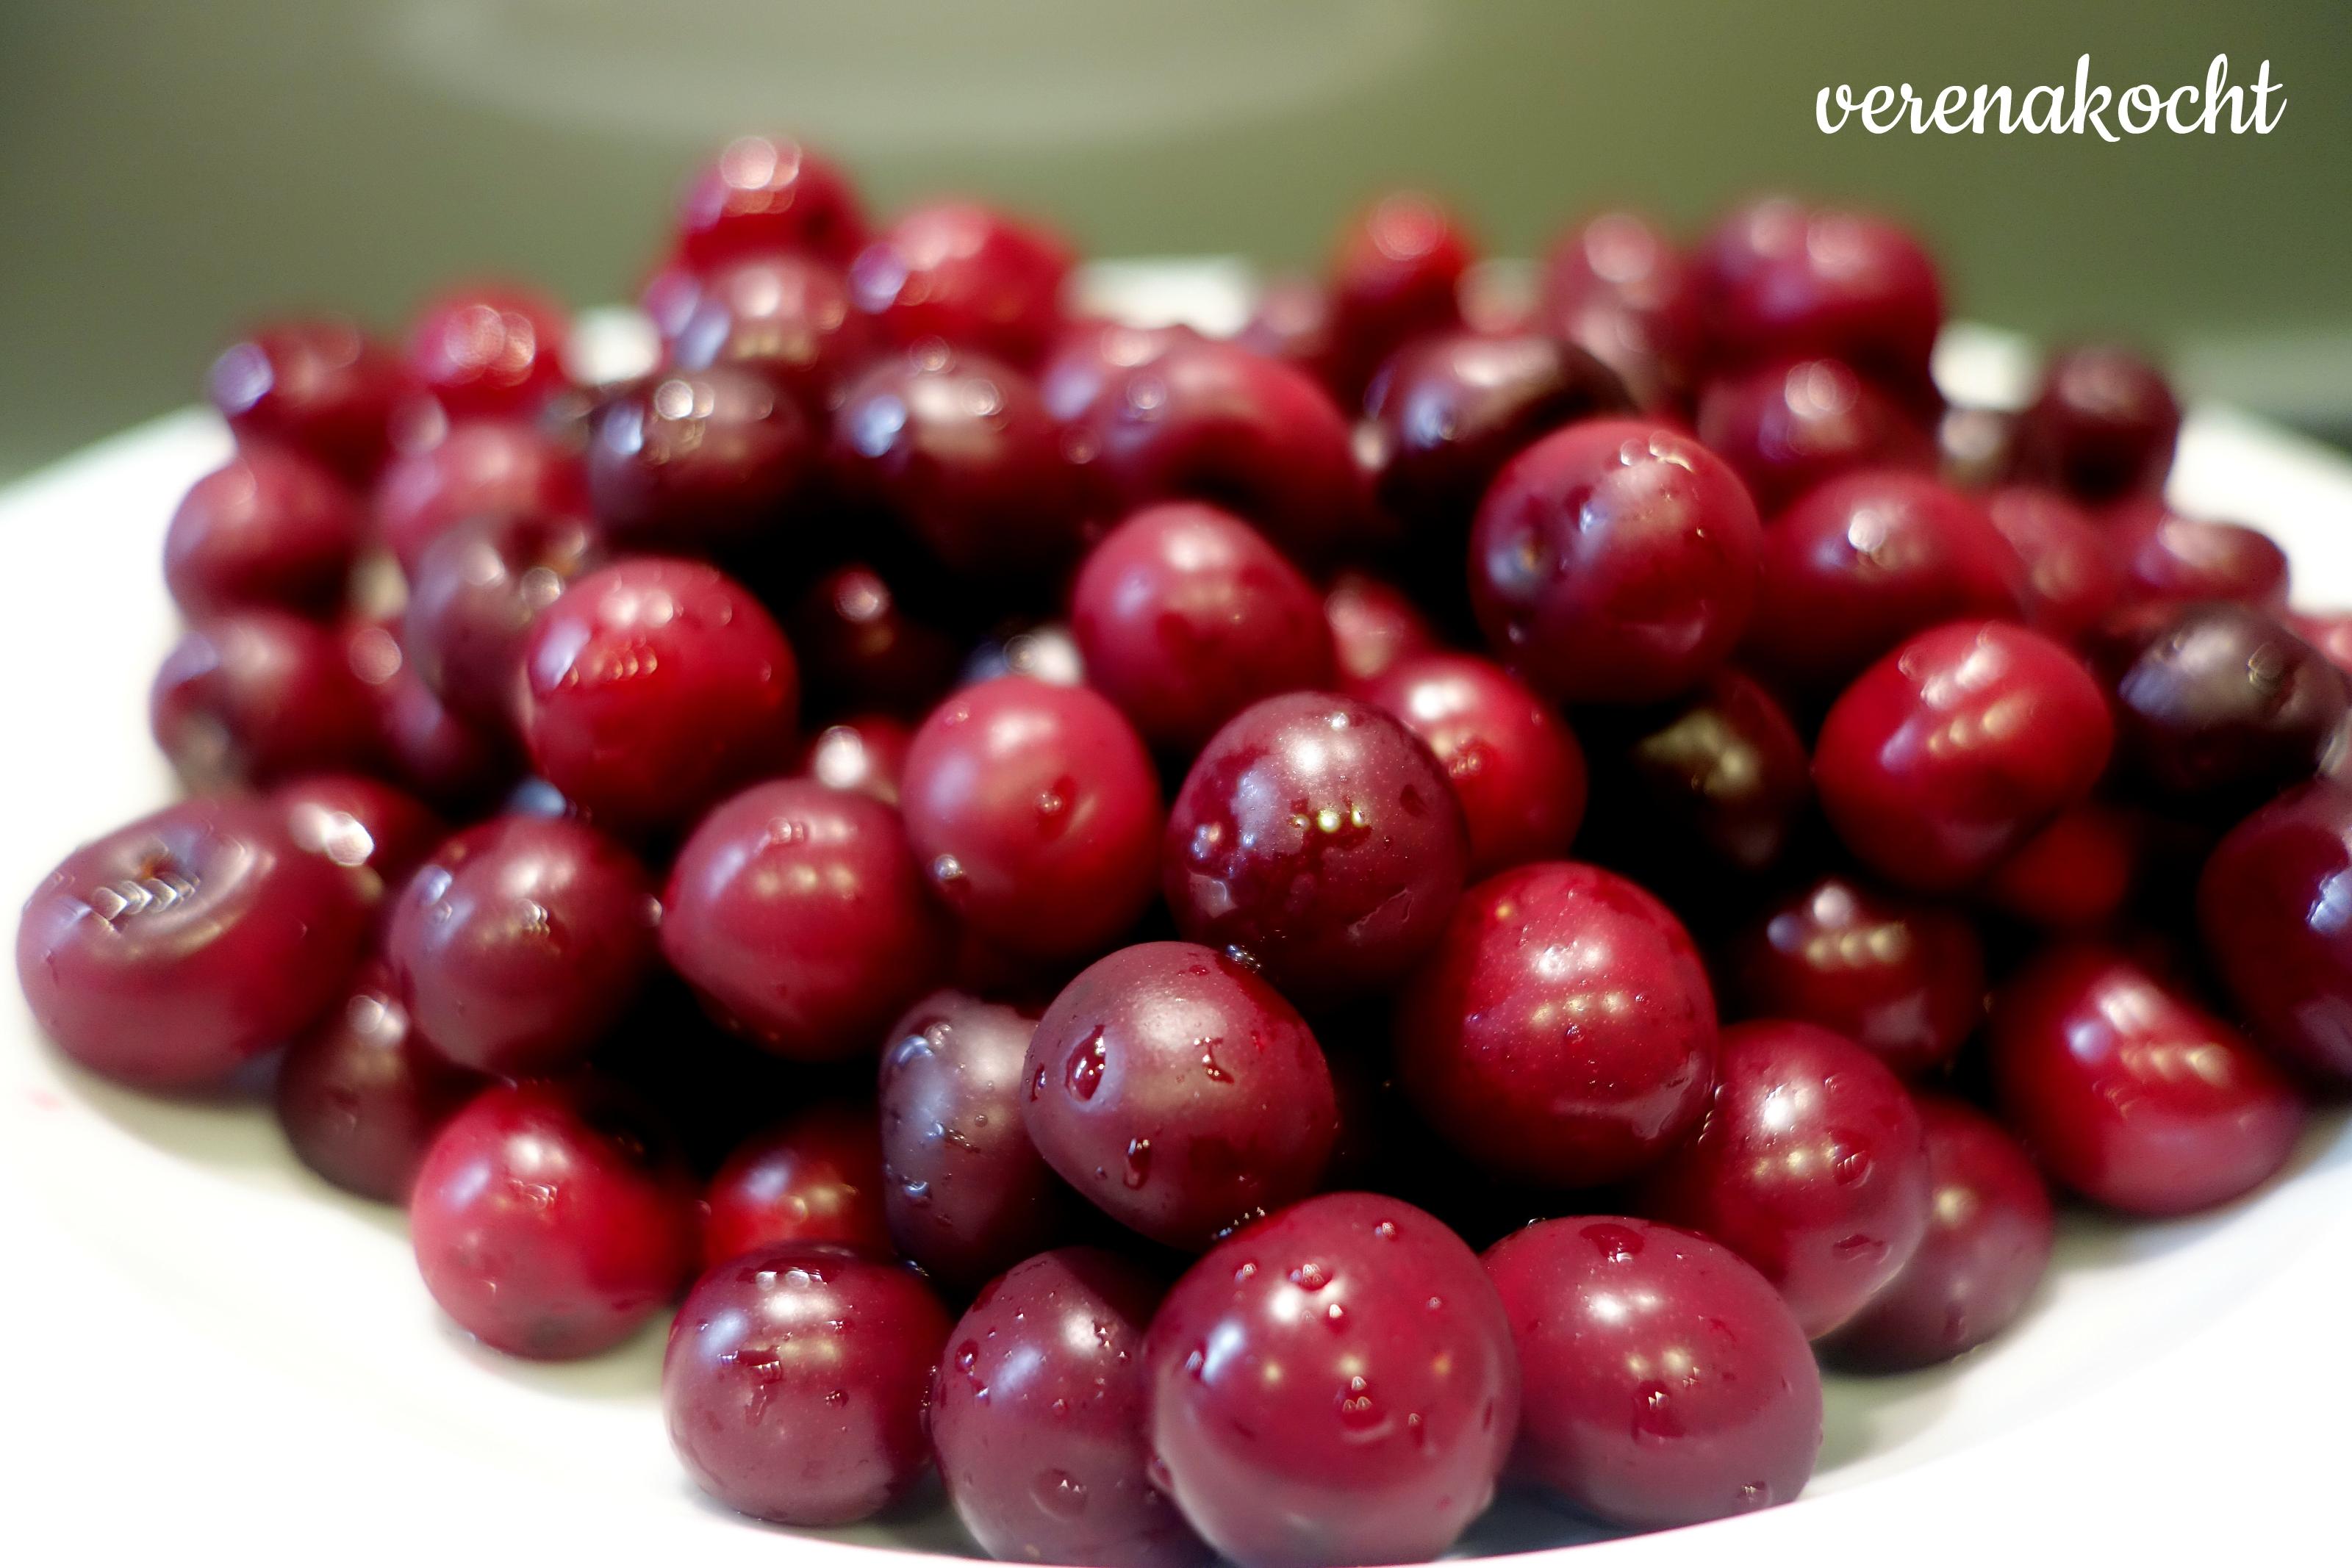 Likör von der Maraska Kirsche (oder) fruchtiges Geschenk mutiert zu Hochprozentigem